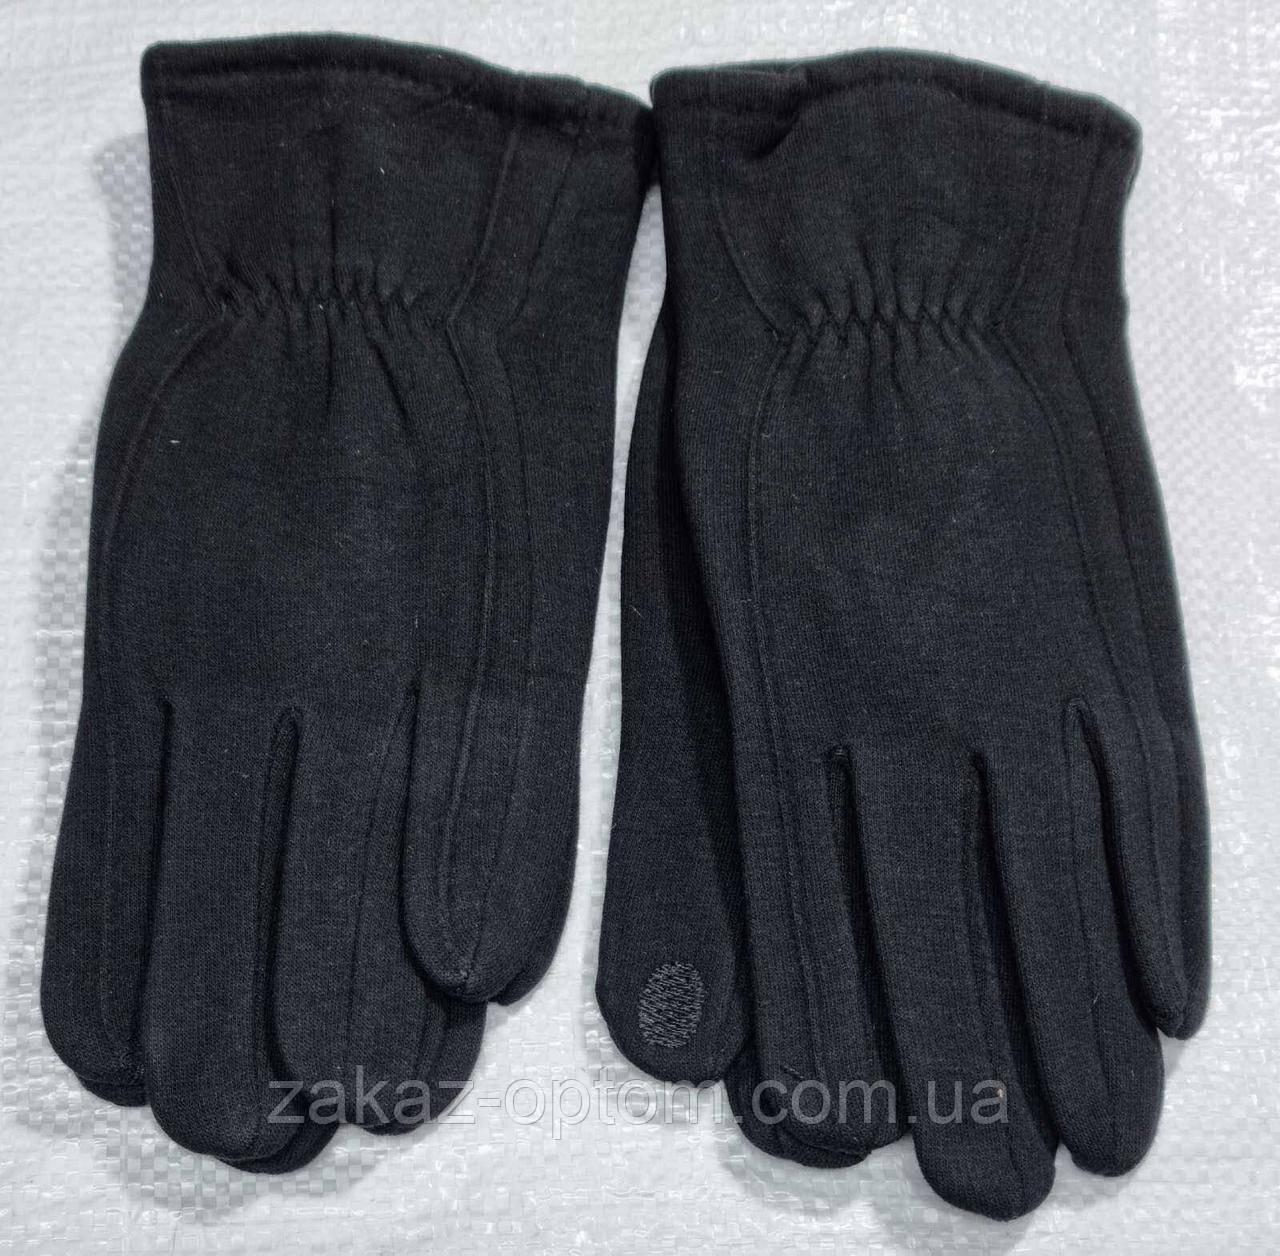 Перчатки мужские сенсорные трикотаж +начес оптом Китай 01-82033